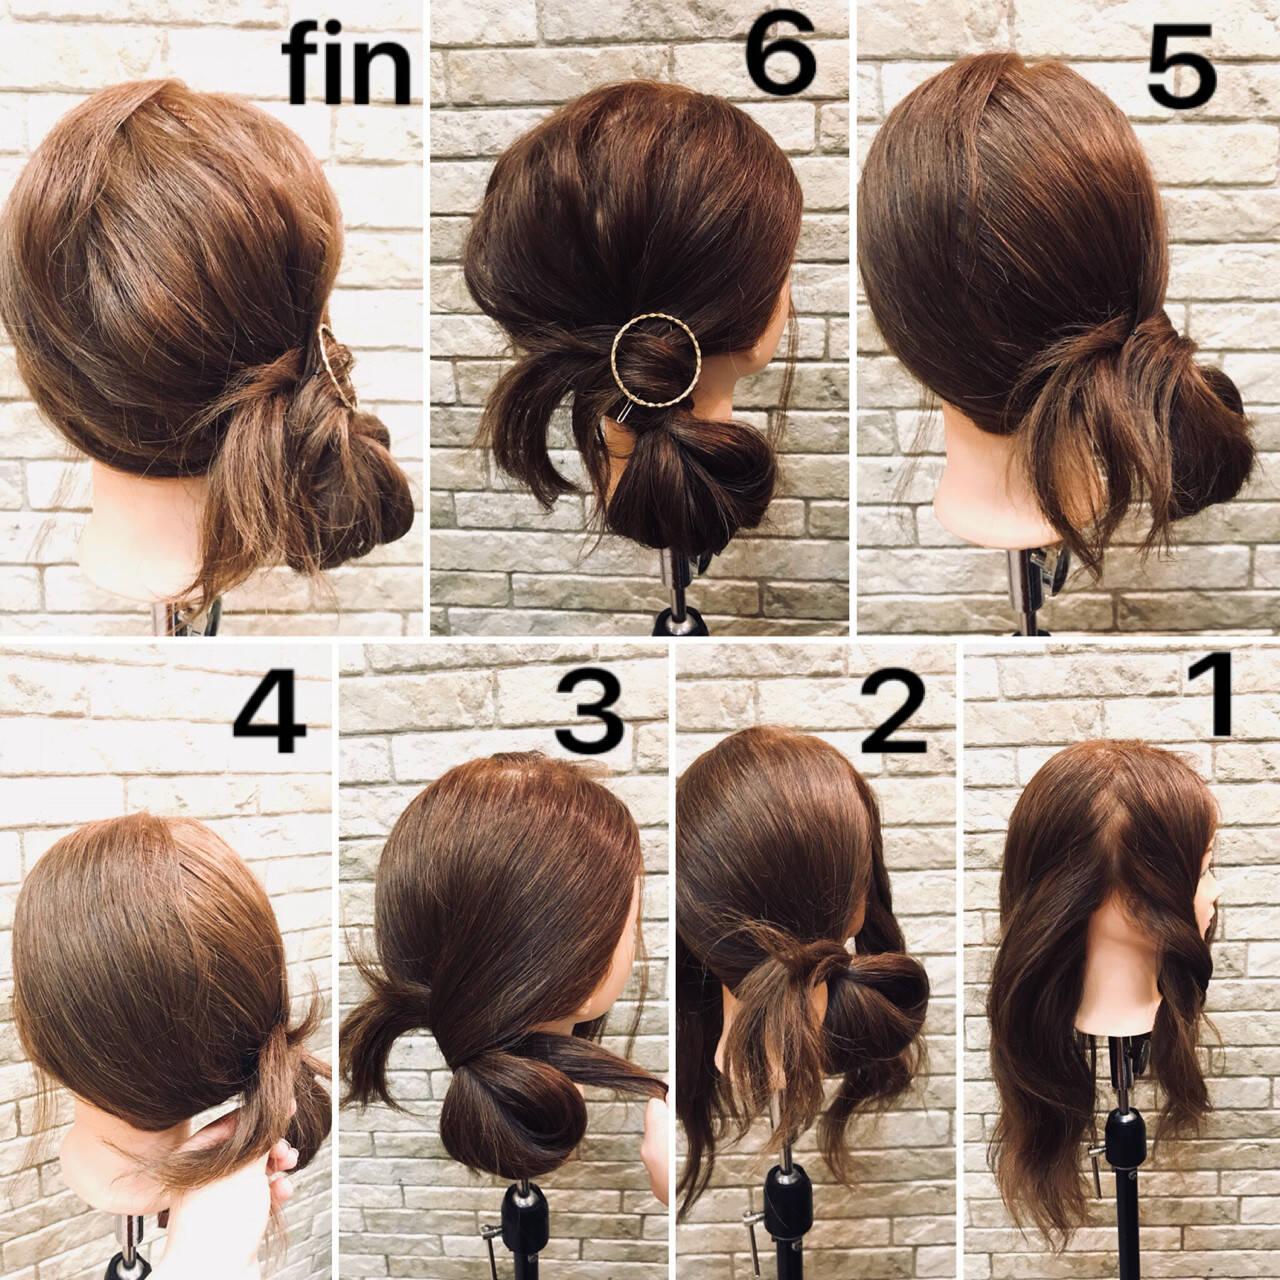 デート オフィス ミディアム 簡単ヘアアレンジヘアスタイルや髪型の写真・画像